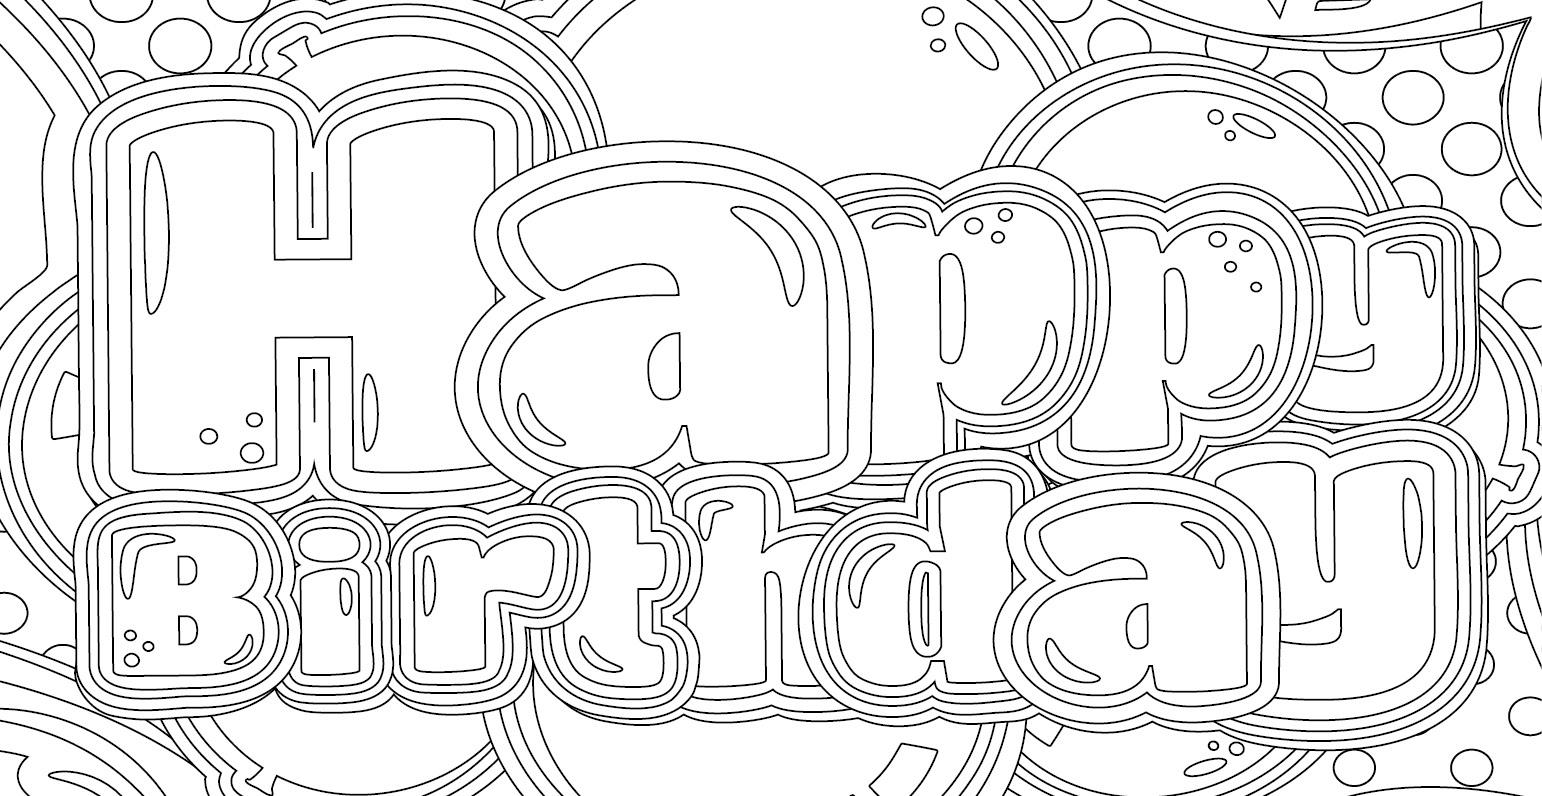 Coloriage gratuit, Joyeux Anniversaire - Artherapie.ca